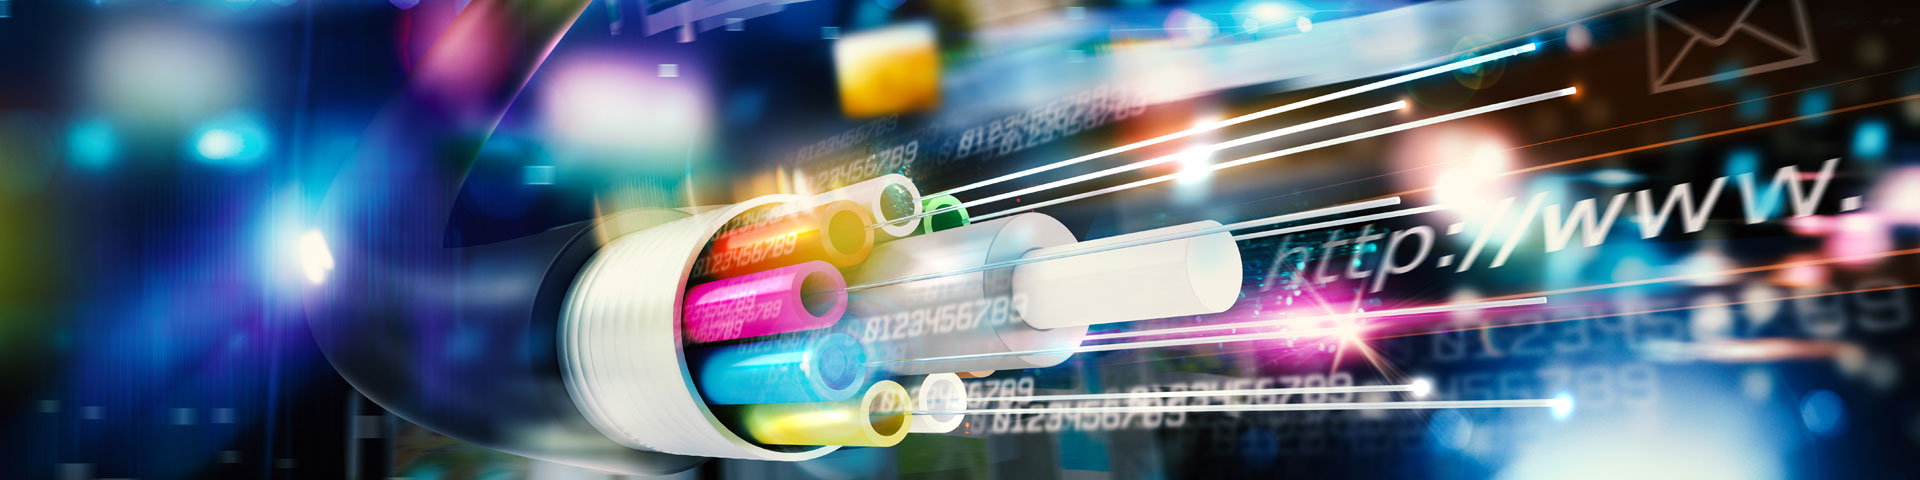 supersnel glasvezel internet